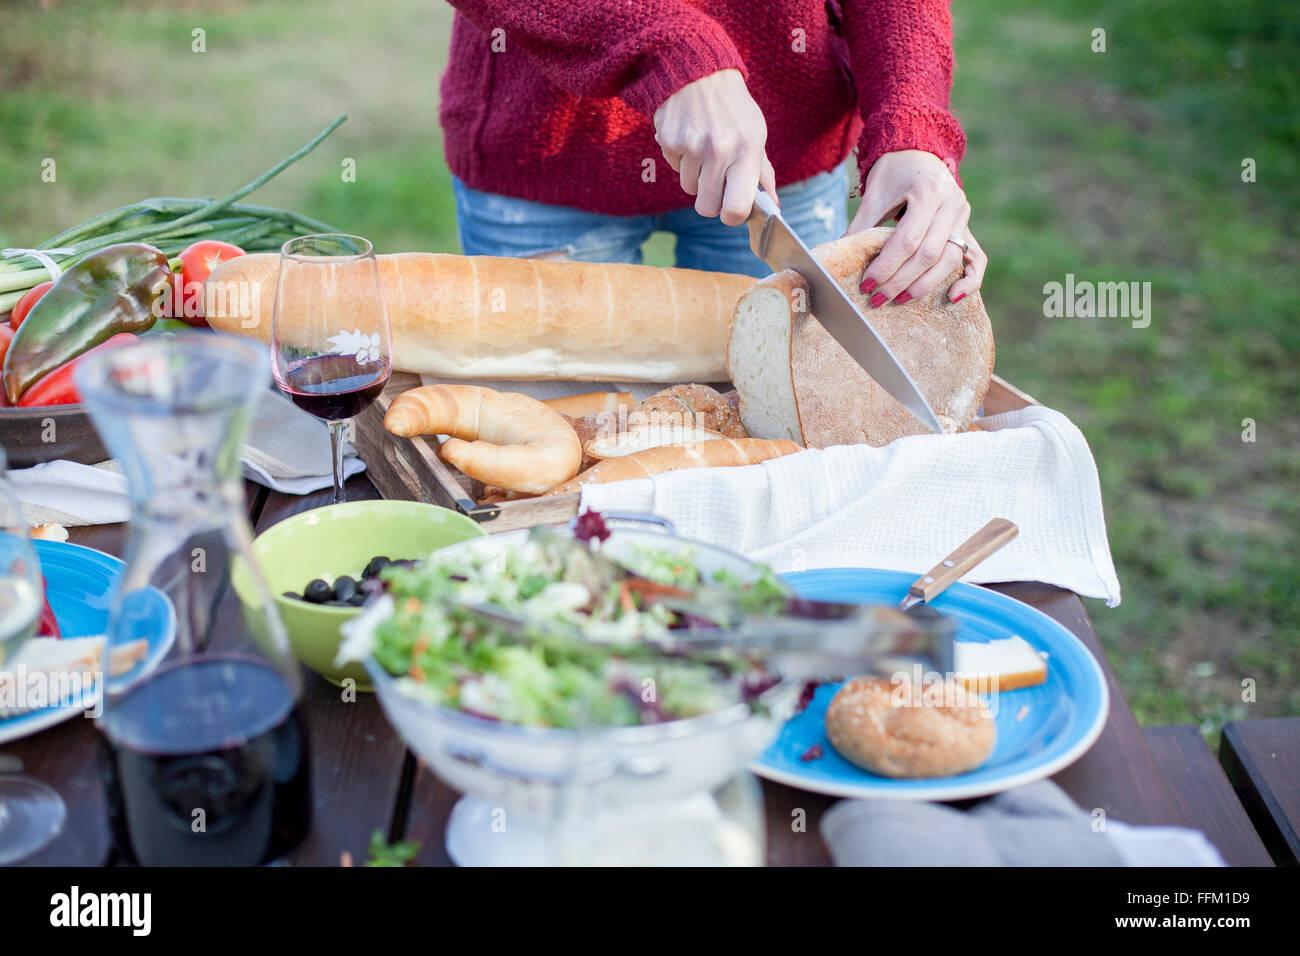 Persona su party in giardino per affettare pagnotta di pane Immagini Stock